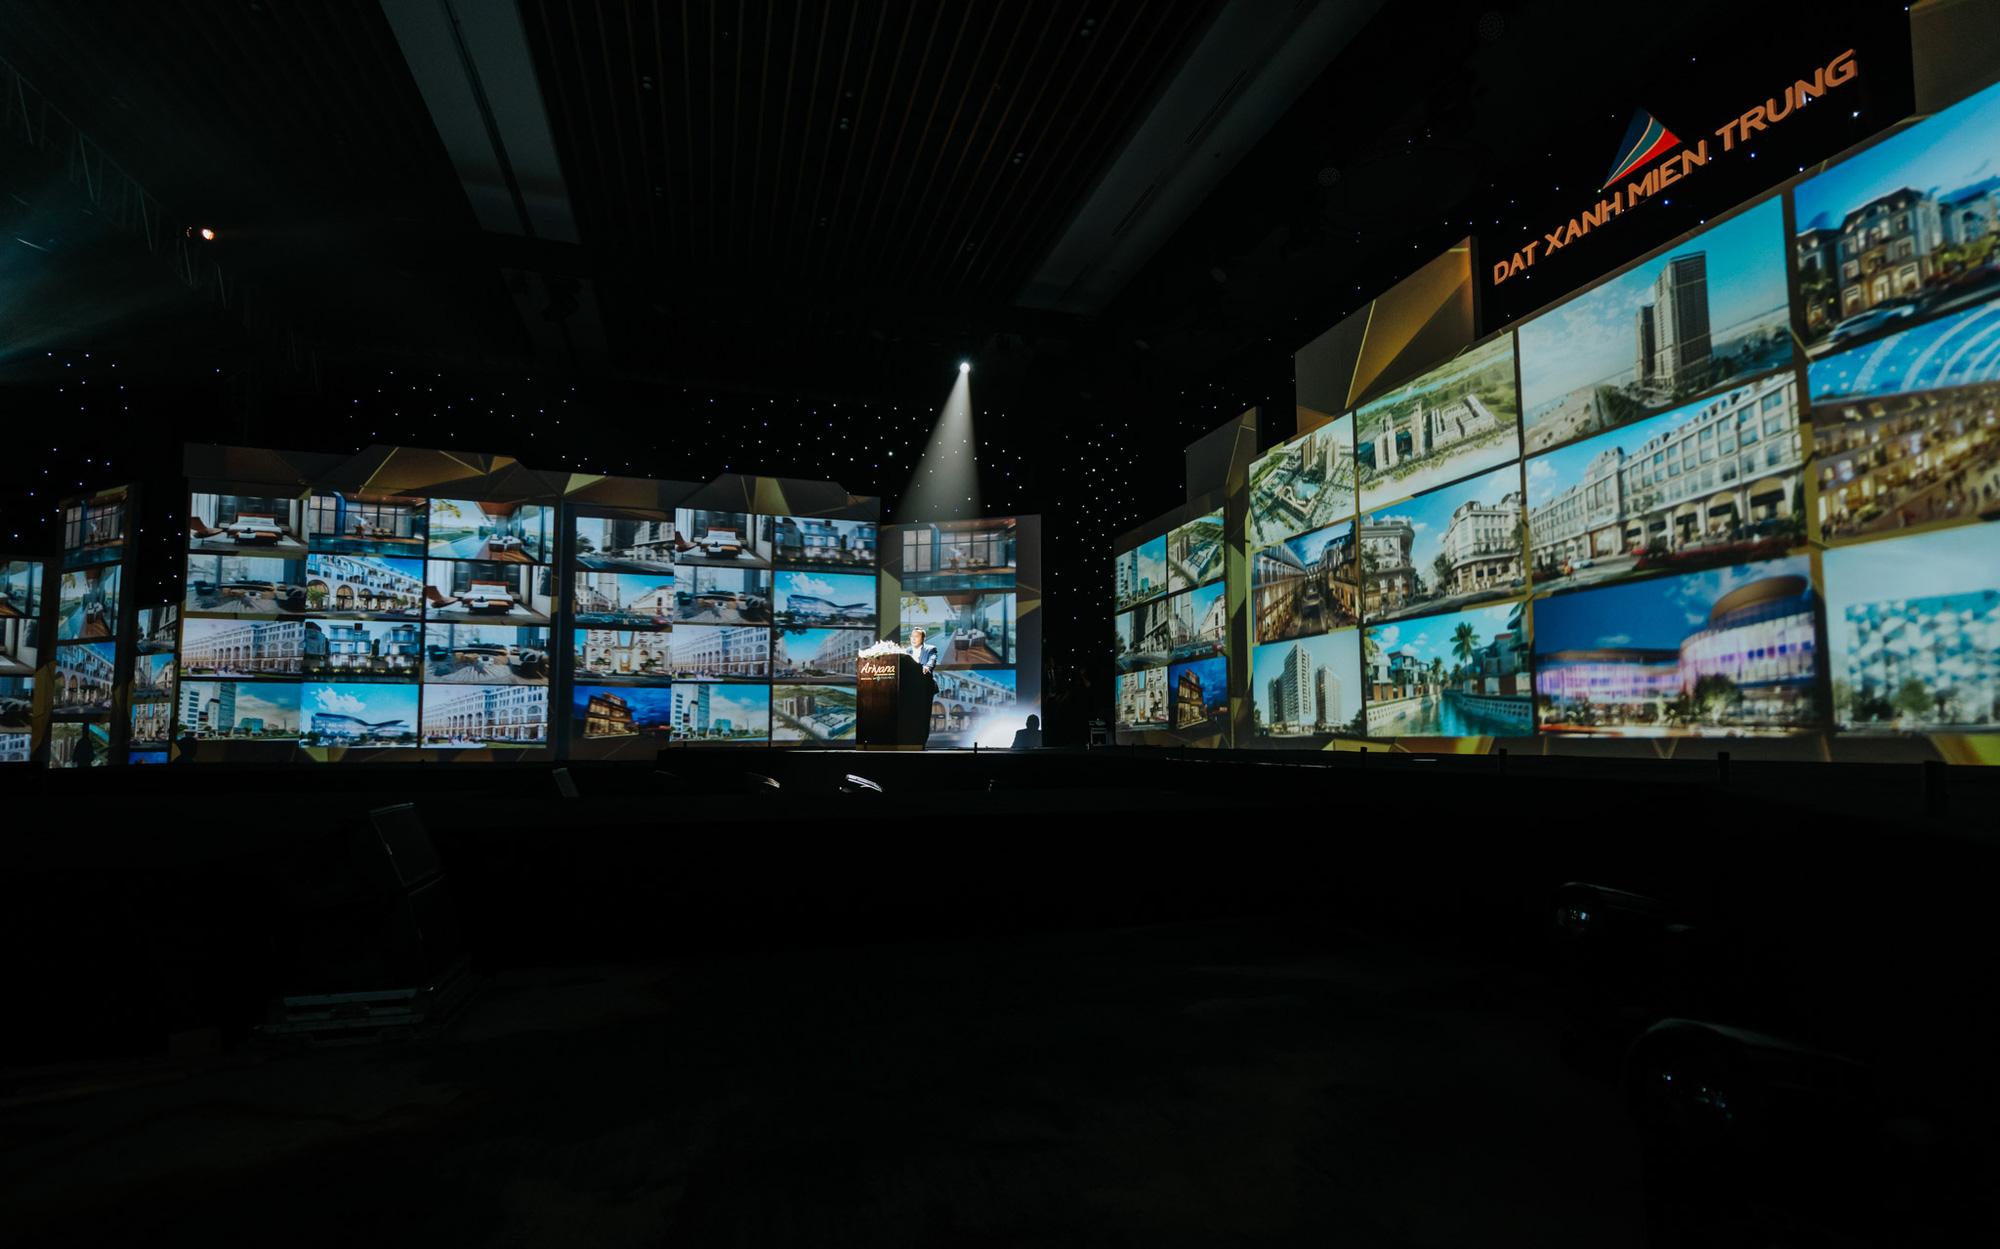 Nghệ thuật và công nghệ ánh sáng tái hiện Sắc màu Thập kỷ, kỷ niệm 10 năm thành lập Đất Xanh Miền Trung - Ảnh 7.